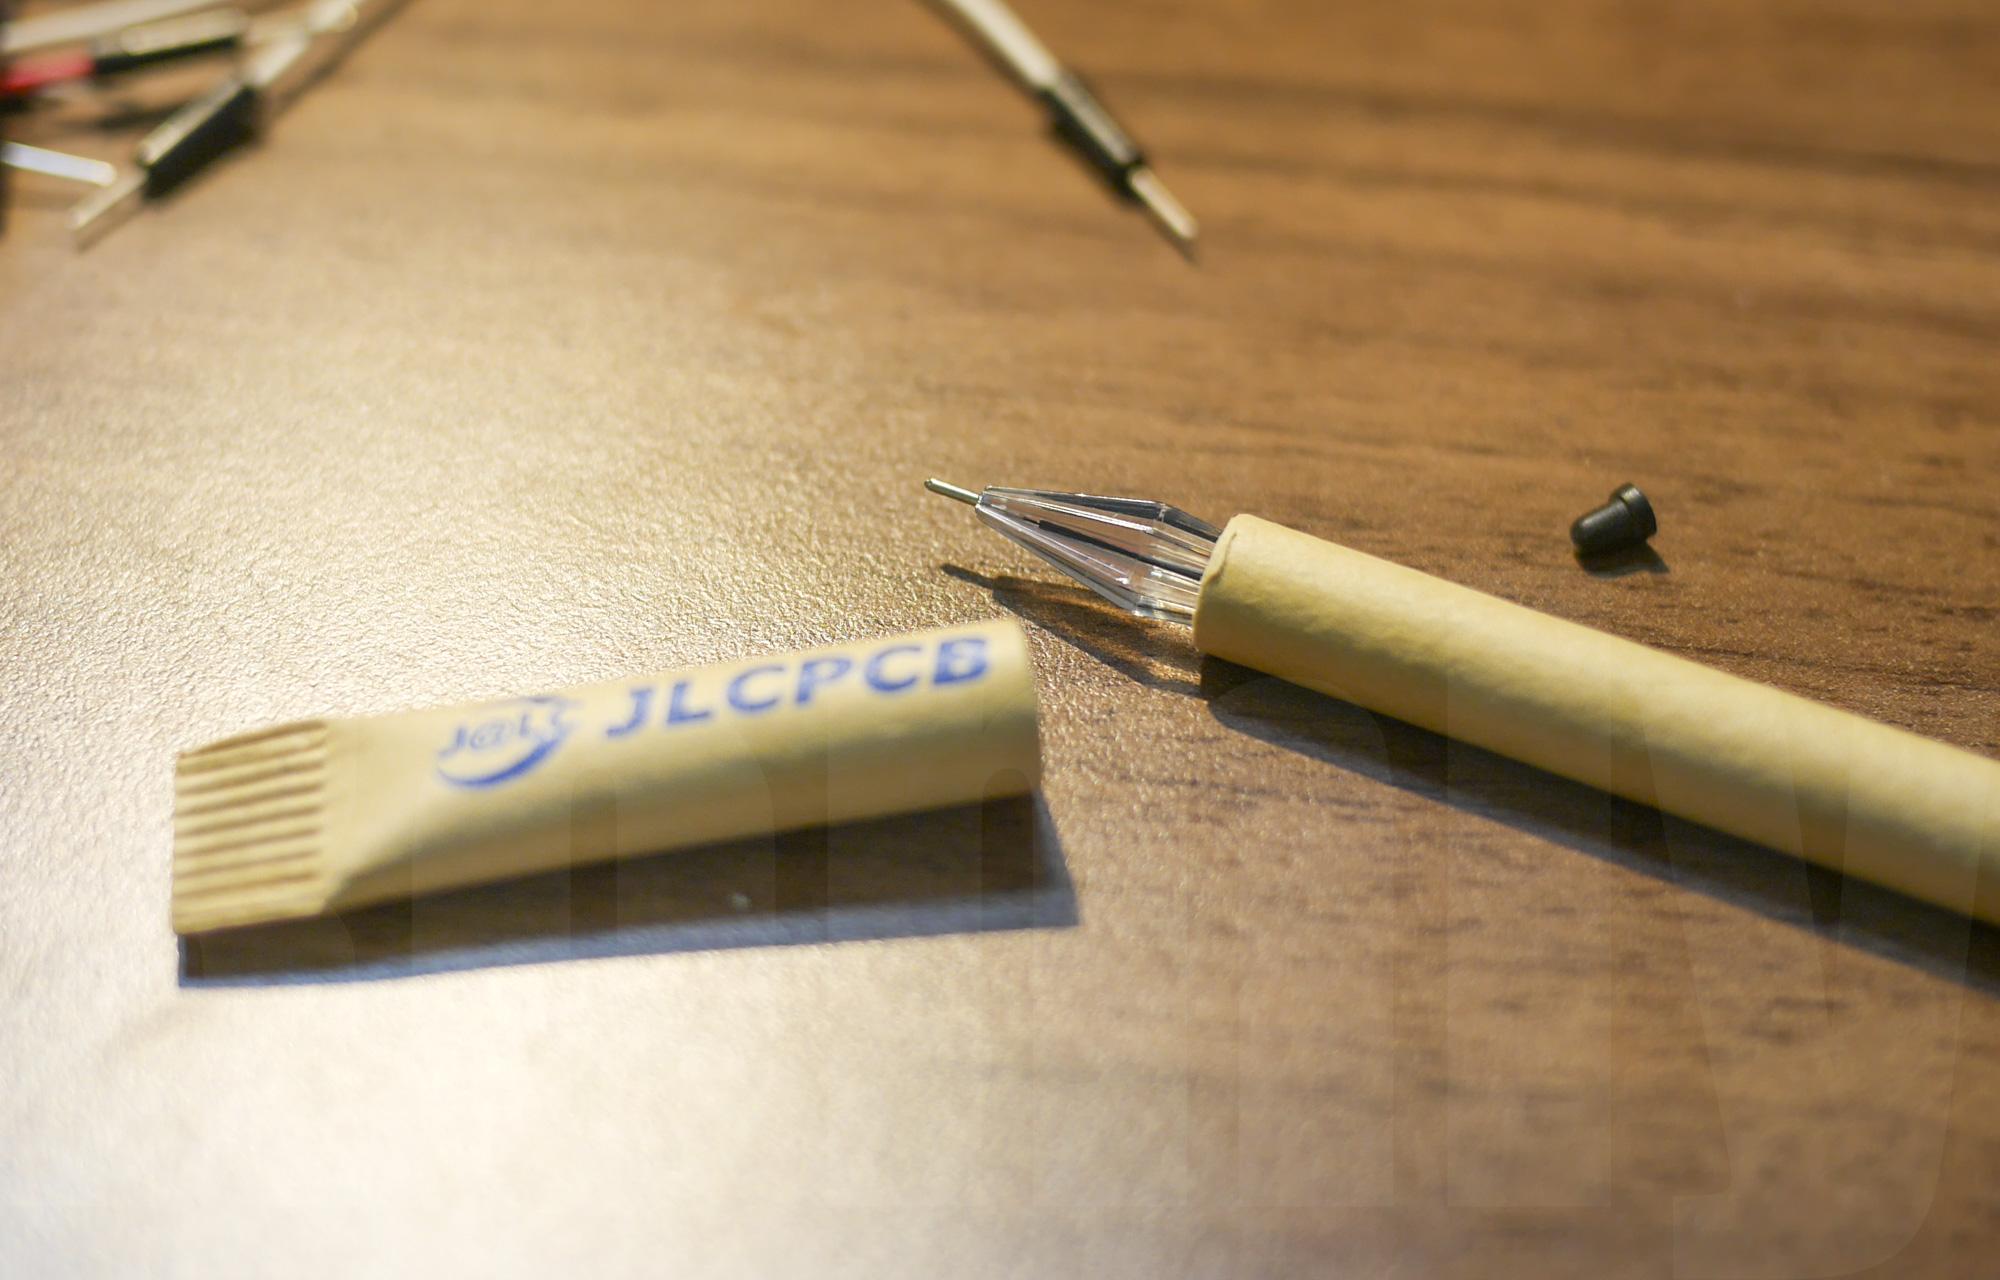 JLBPCB Pen